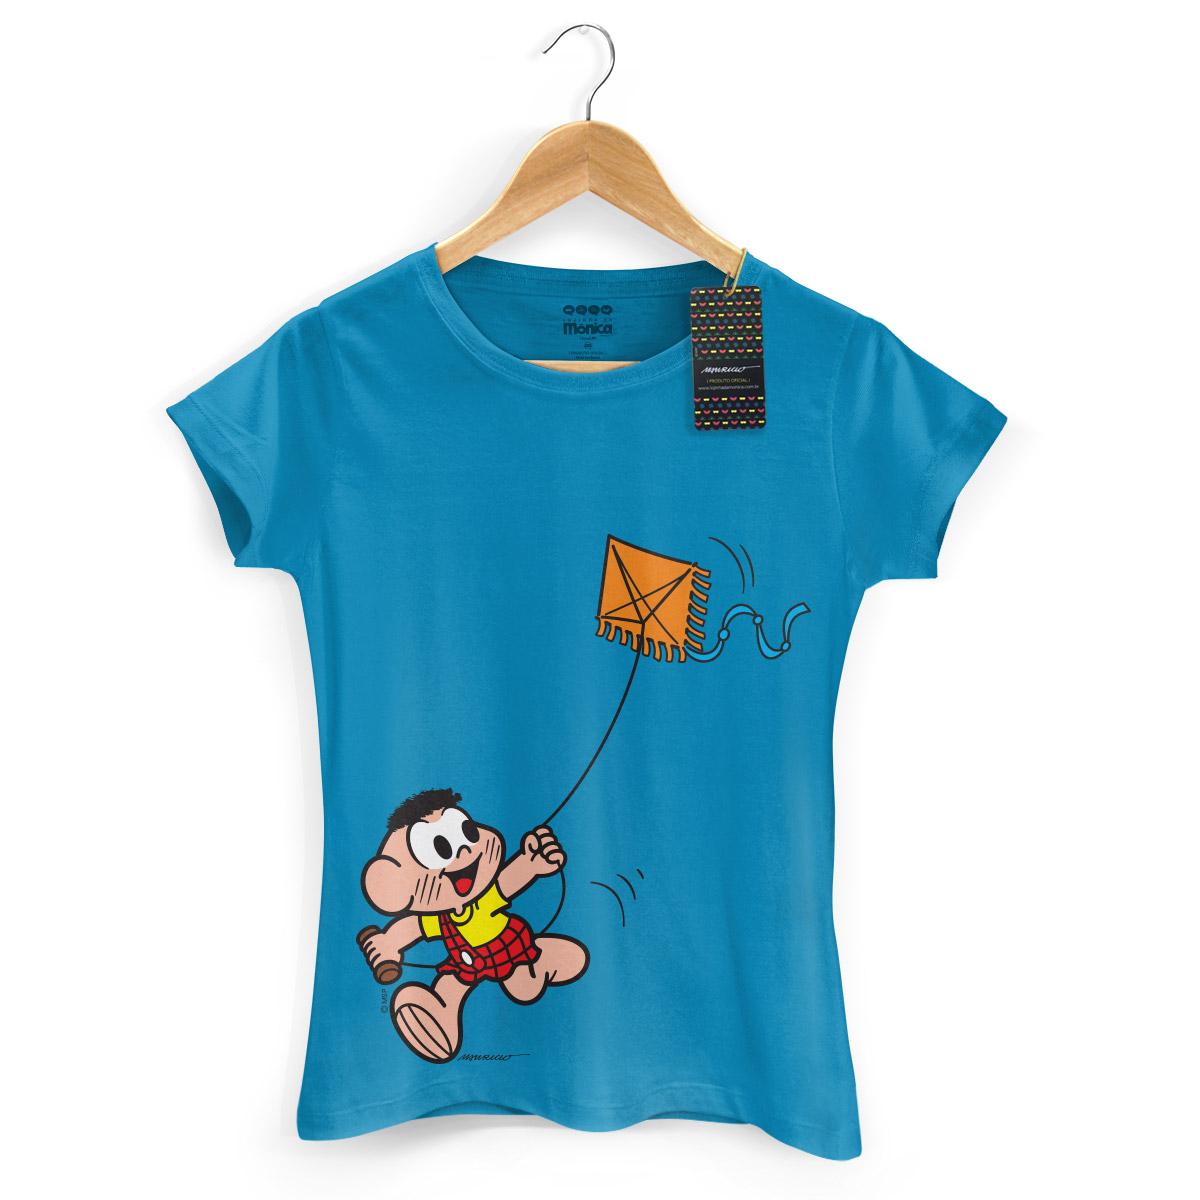 Camiseta Feminina Turma da Mônica Kids Cascão Soltando Pipa